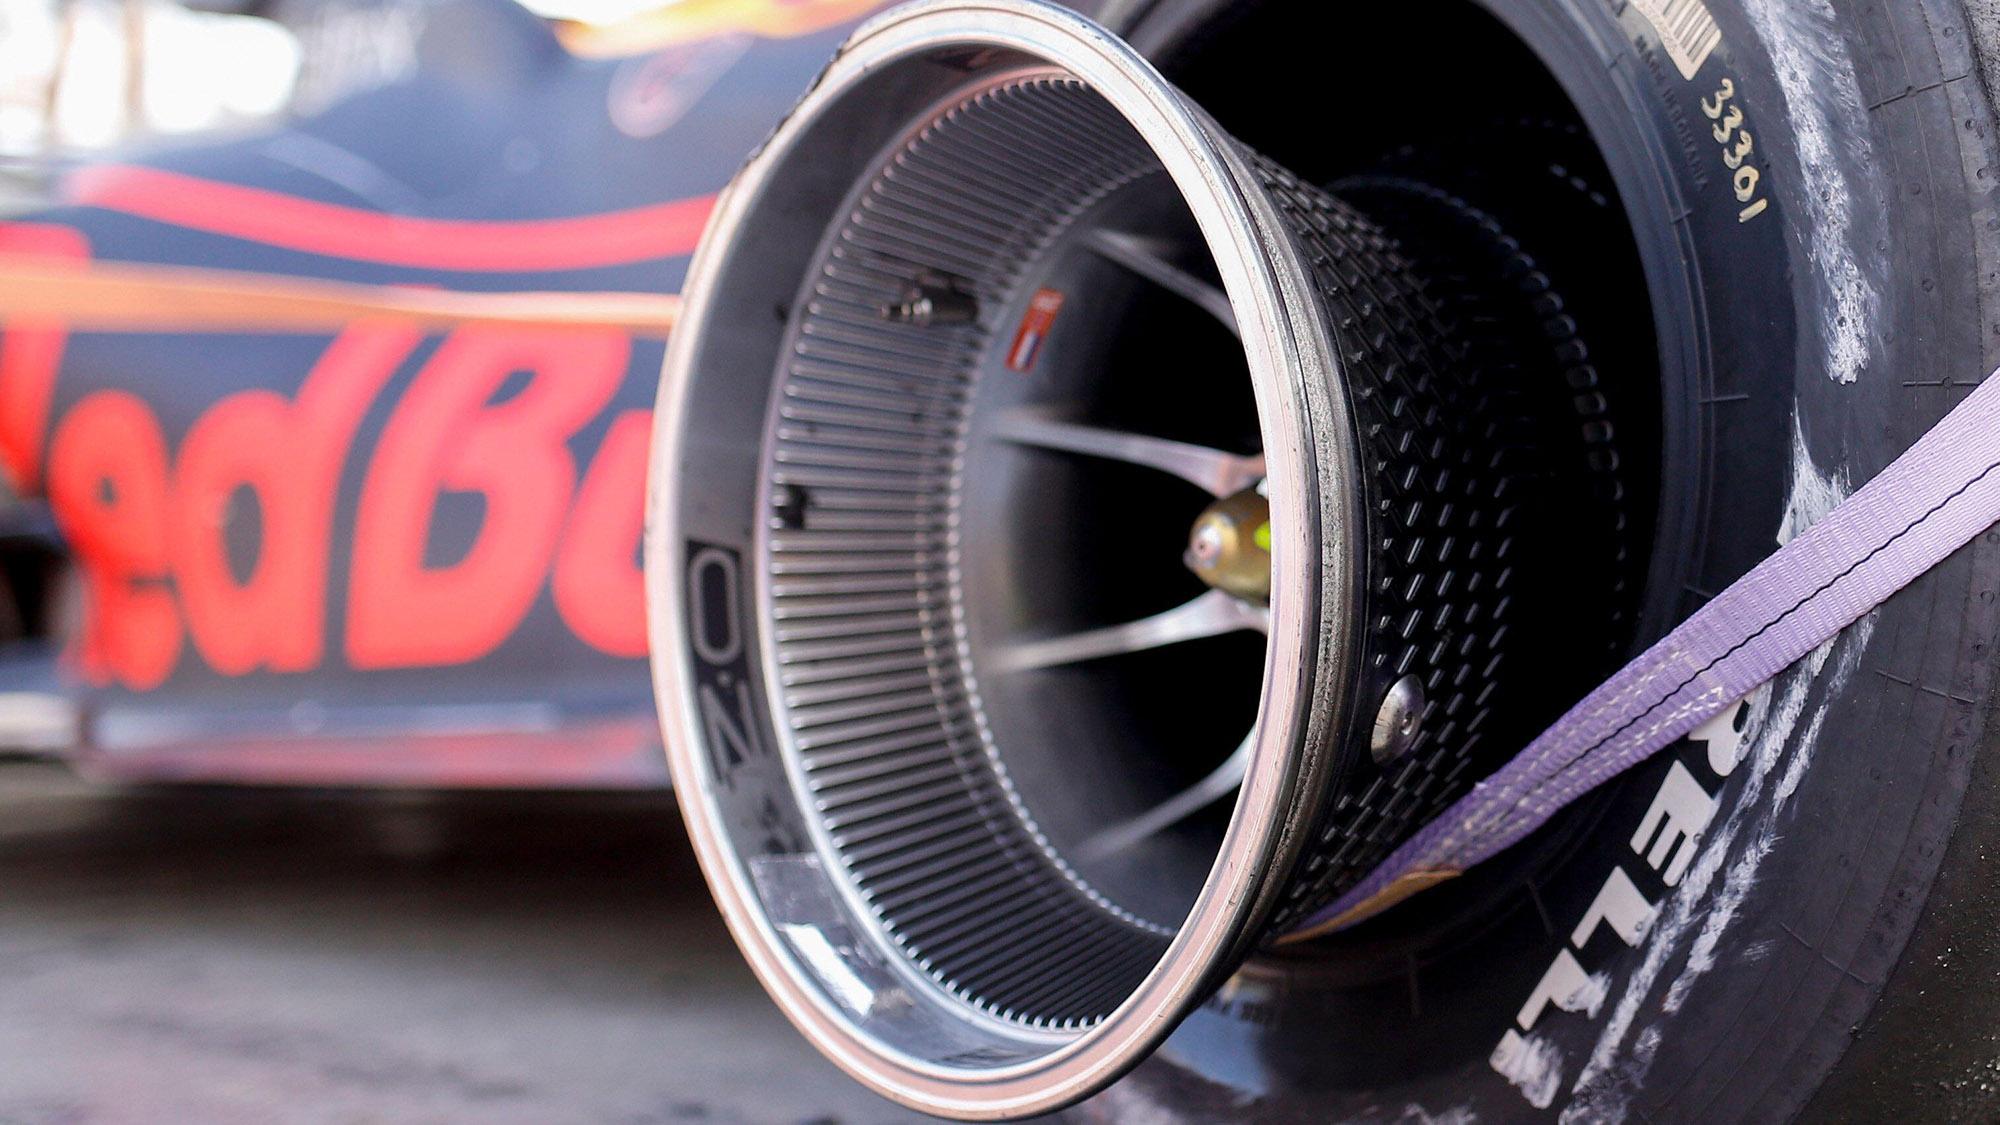 Finned wheel rim of Max Verstappen's Red Bull